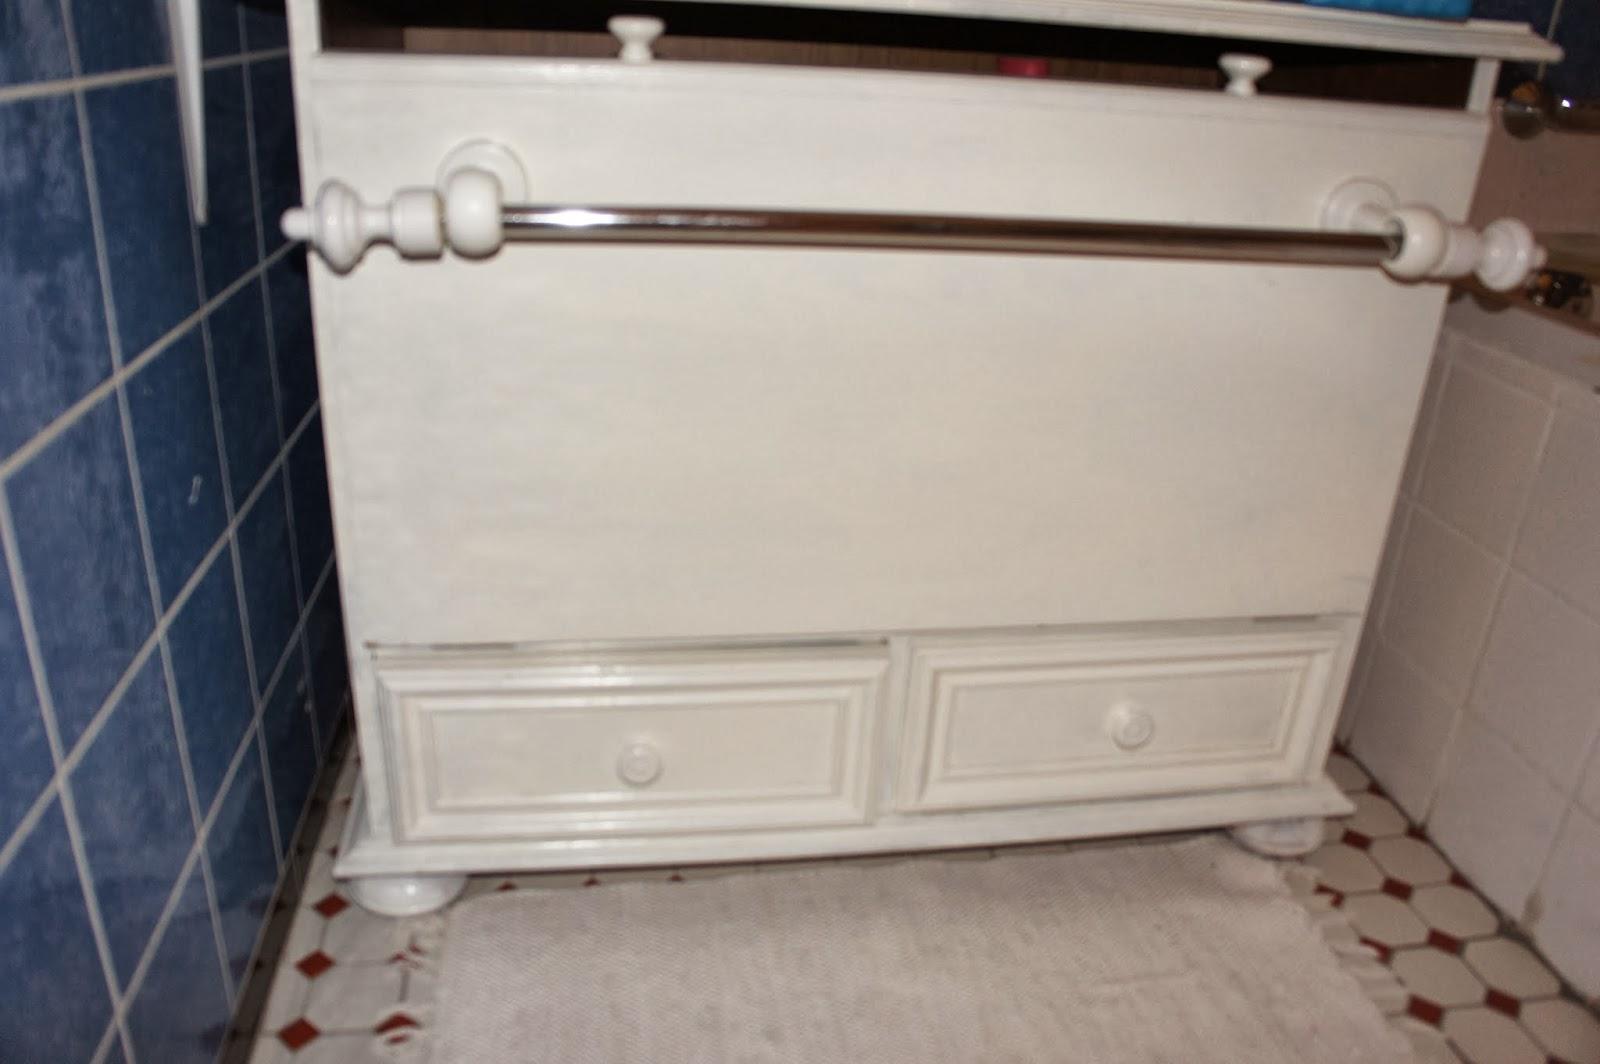 quiltarticle design brigitte brenda dezember 2013. Black Bedroom Furniture Sets. Home Design Ideas